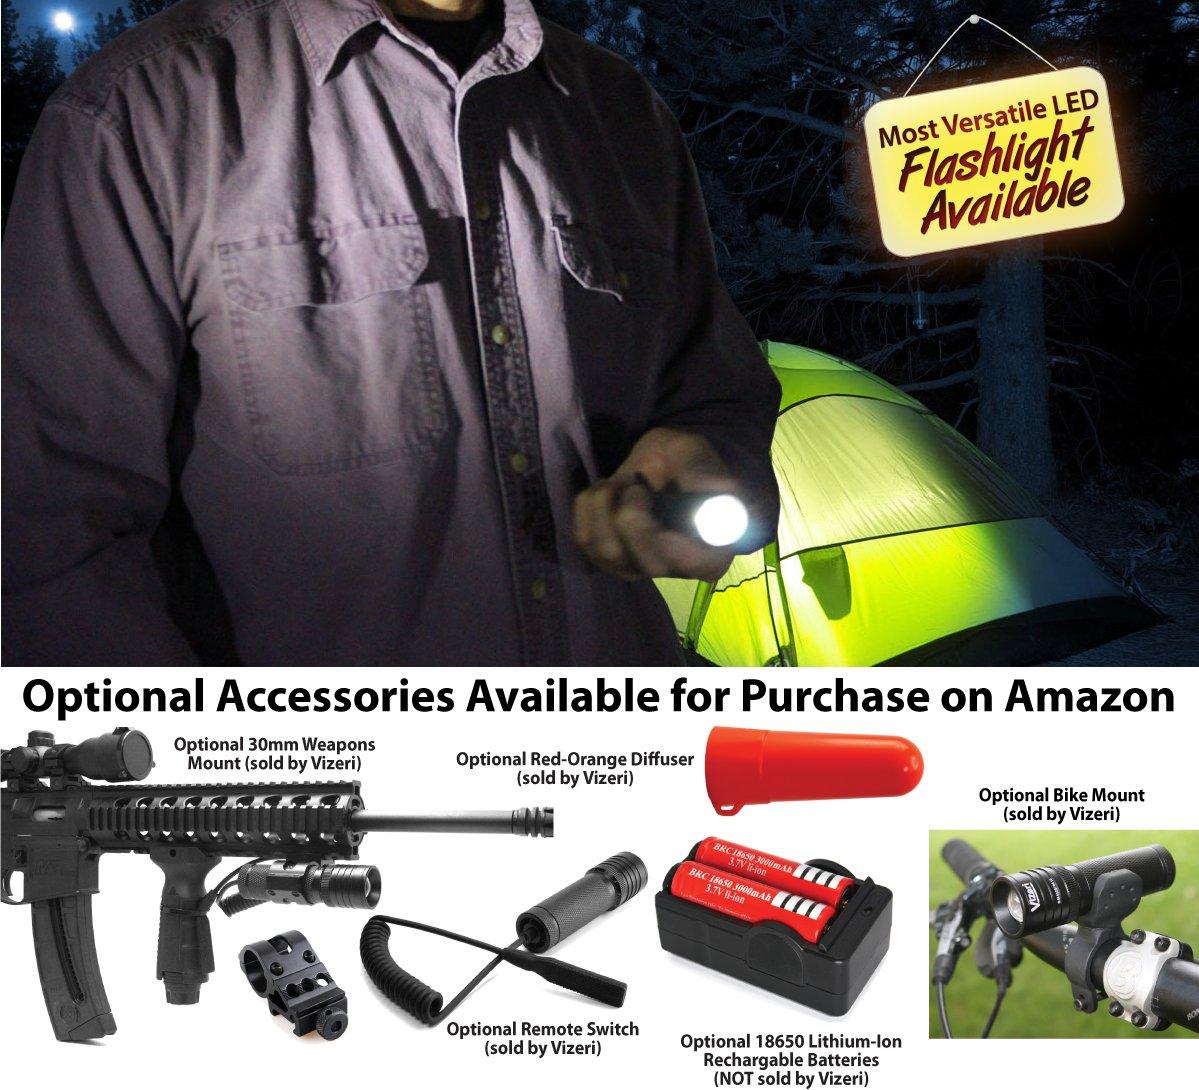 Vizeri LED Tactical Flashlight Cree XML T6 or XRE Q5, Military Quality Review : Vizeri VZ460, VZ230